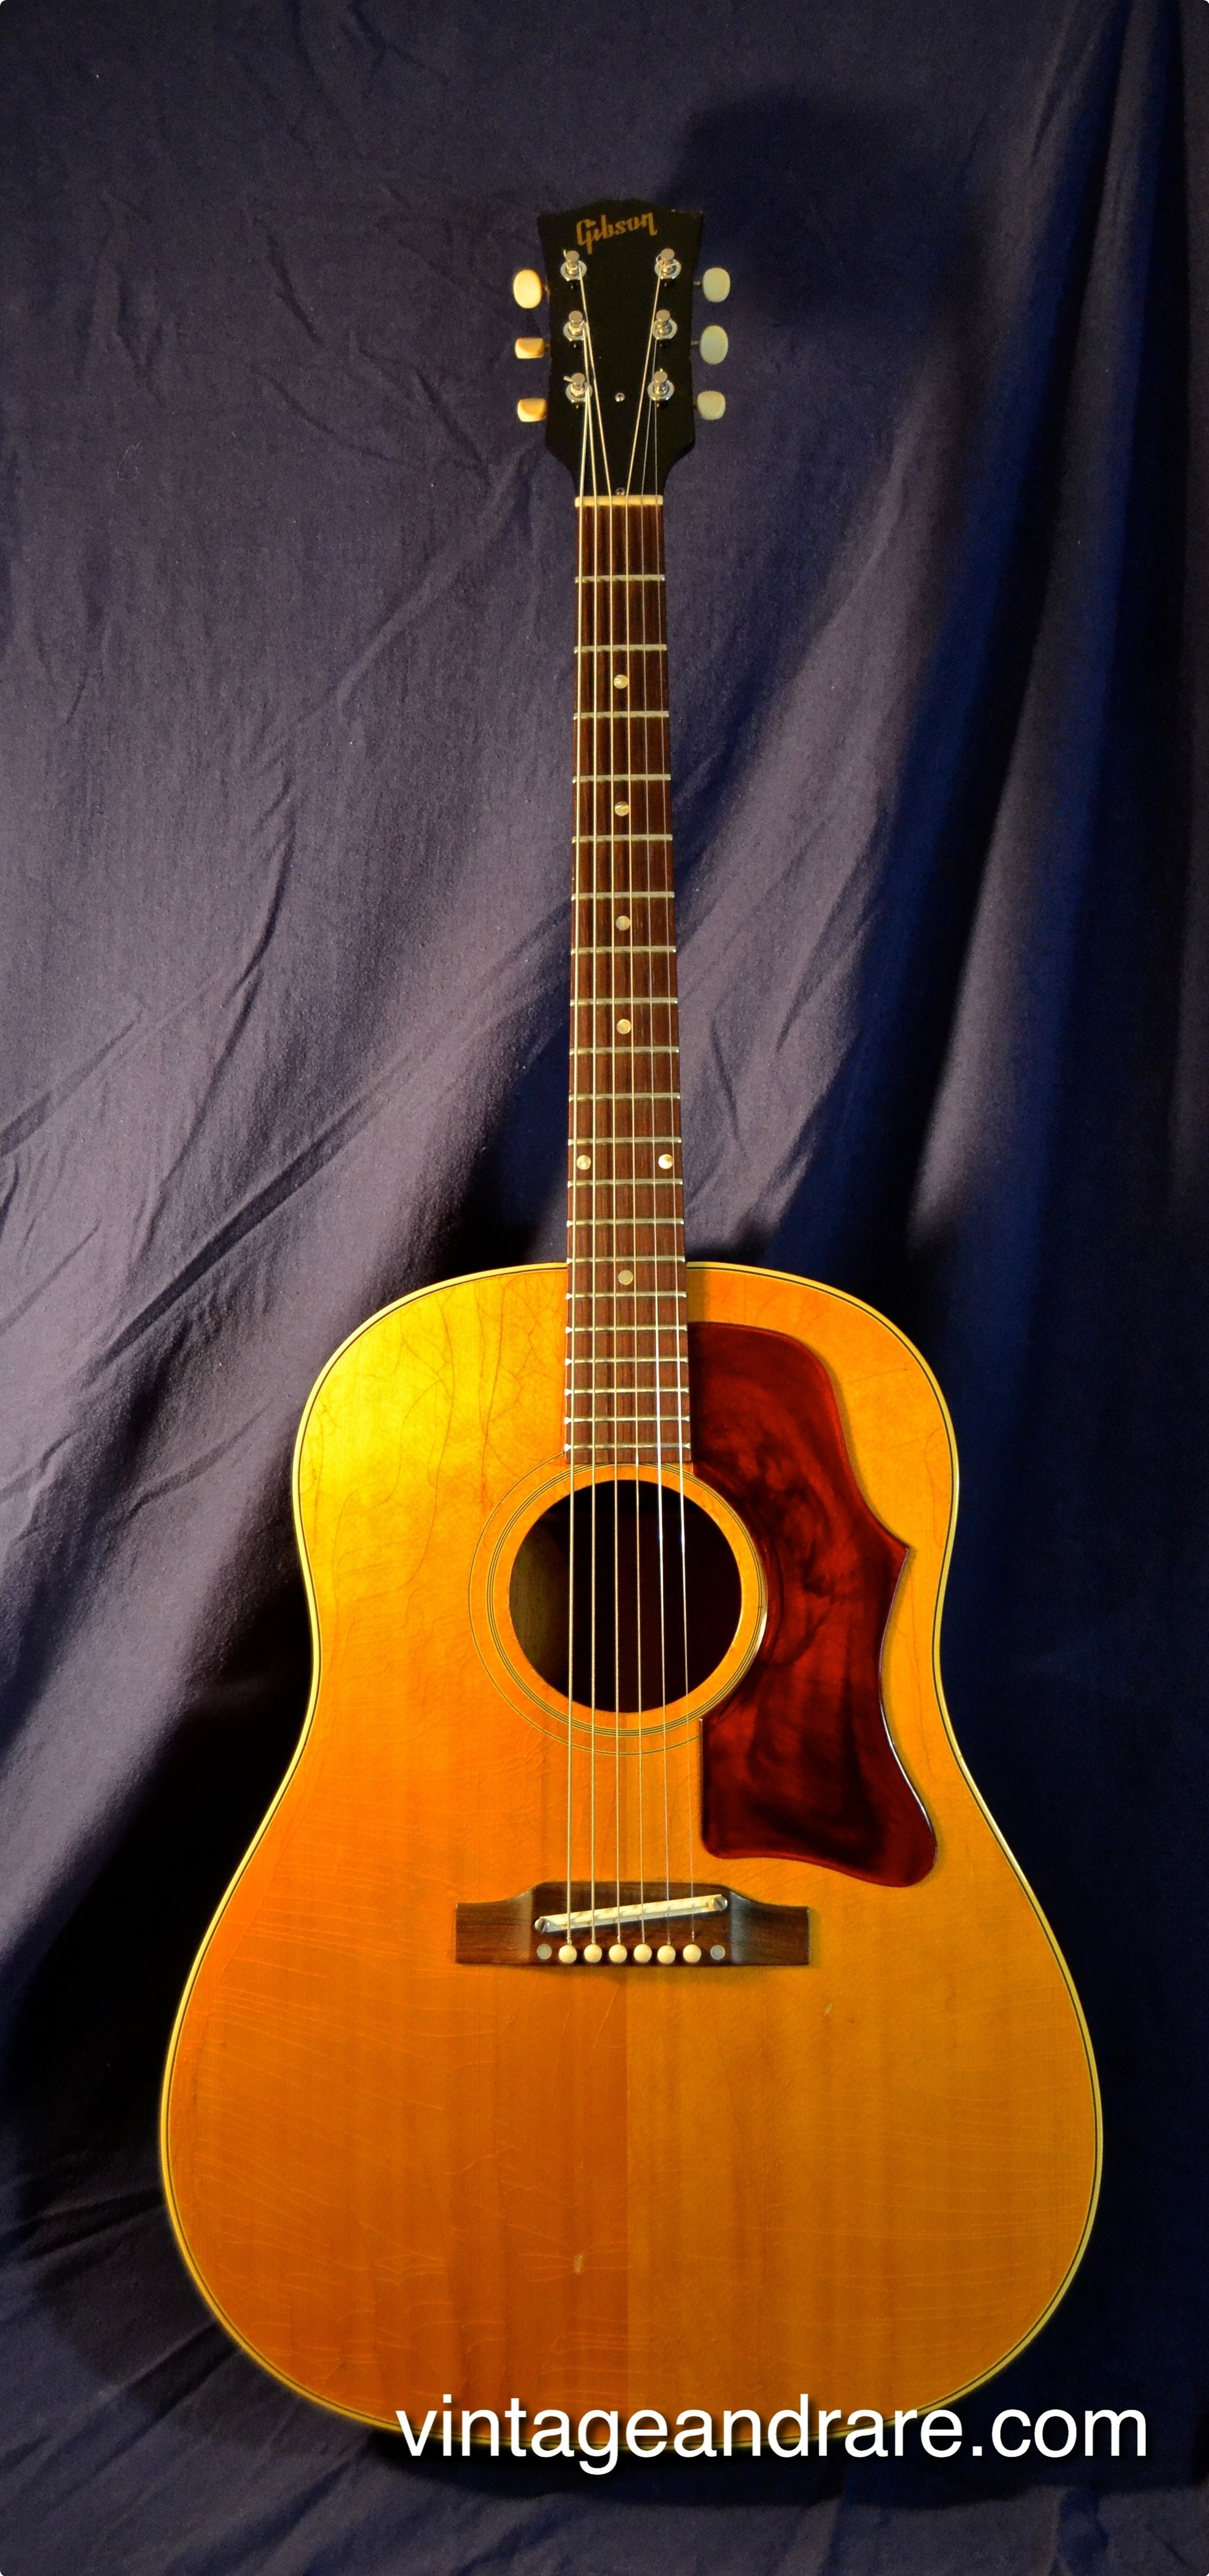 gibson j 50 1965 natural guitar for sale. Black Bedroom Furniture Sets. Home Design Ideas